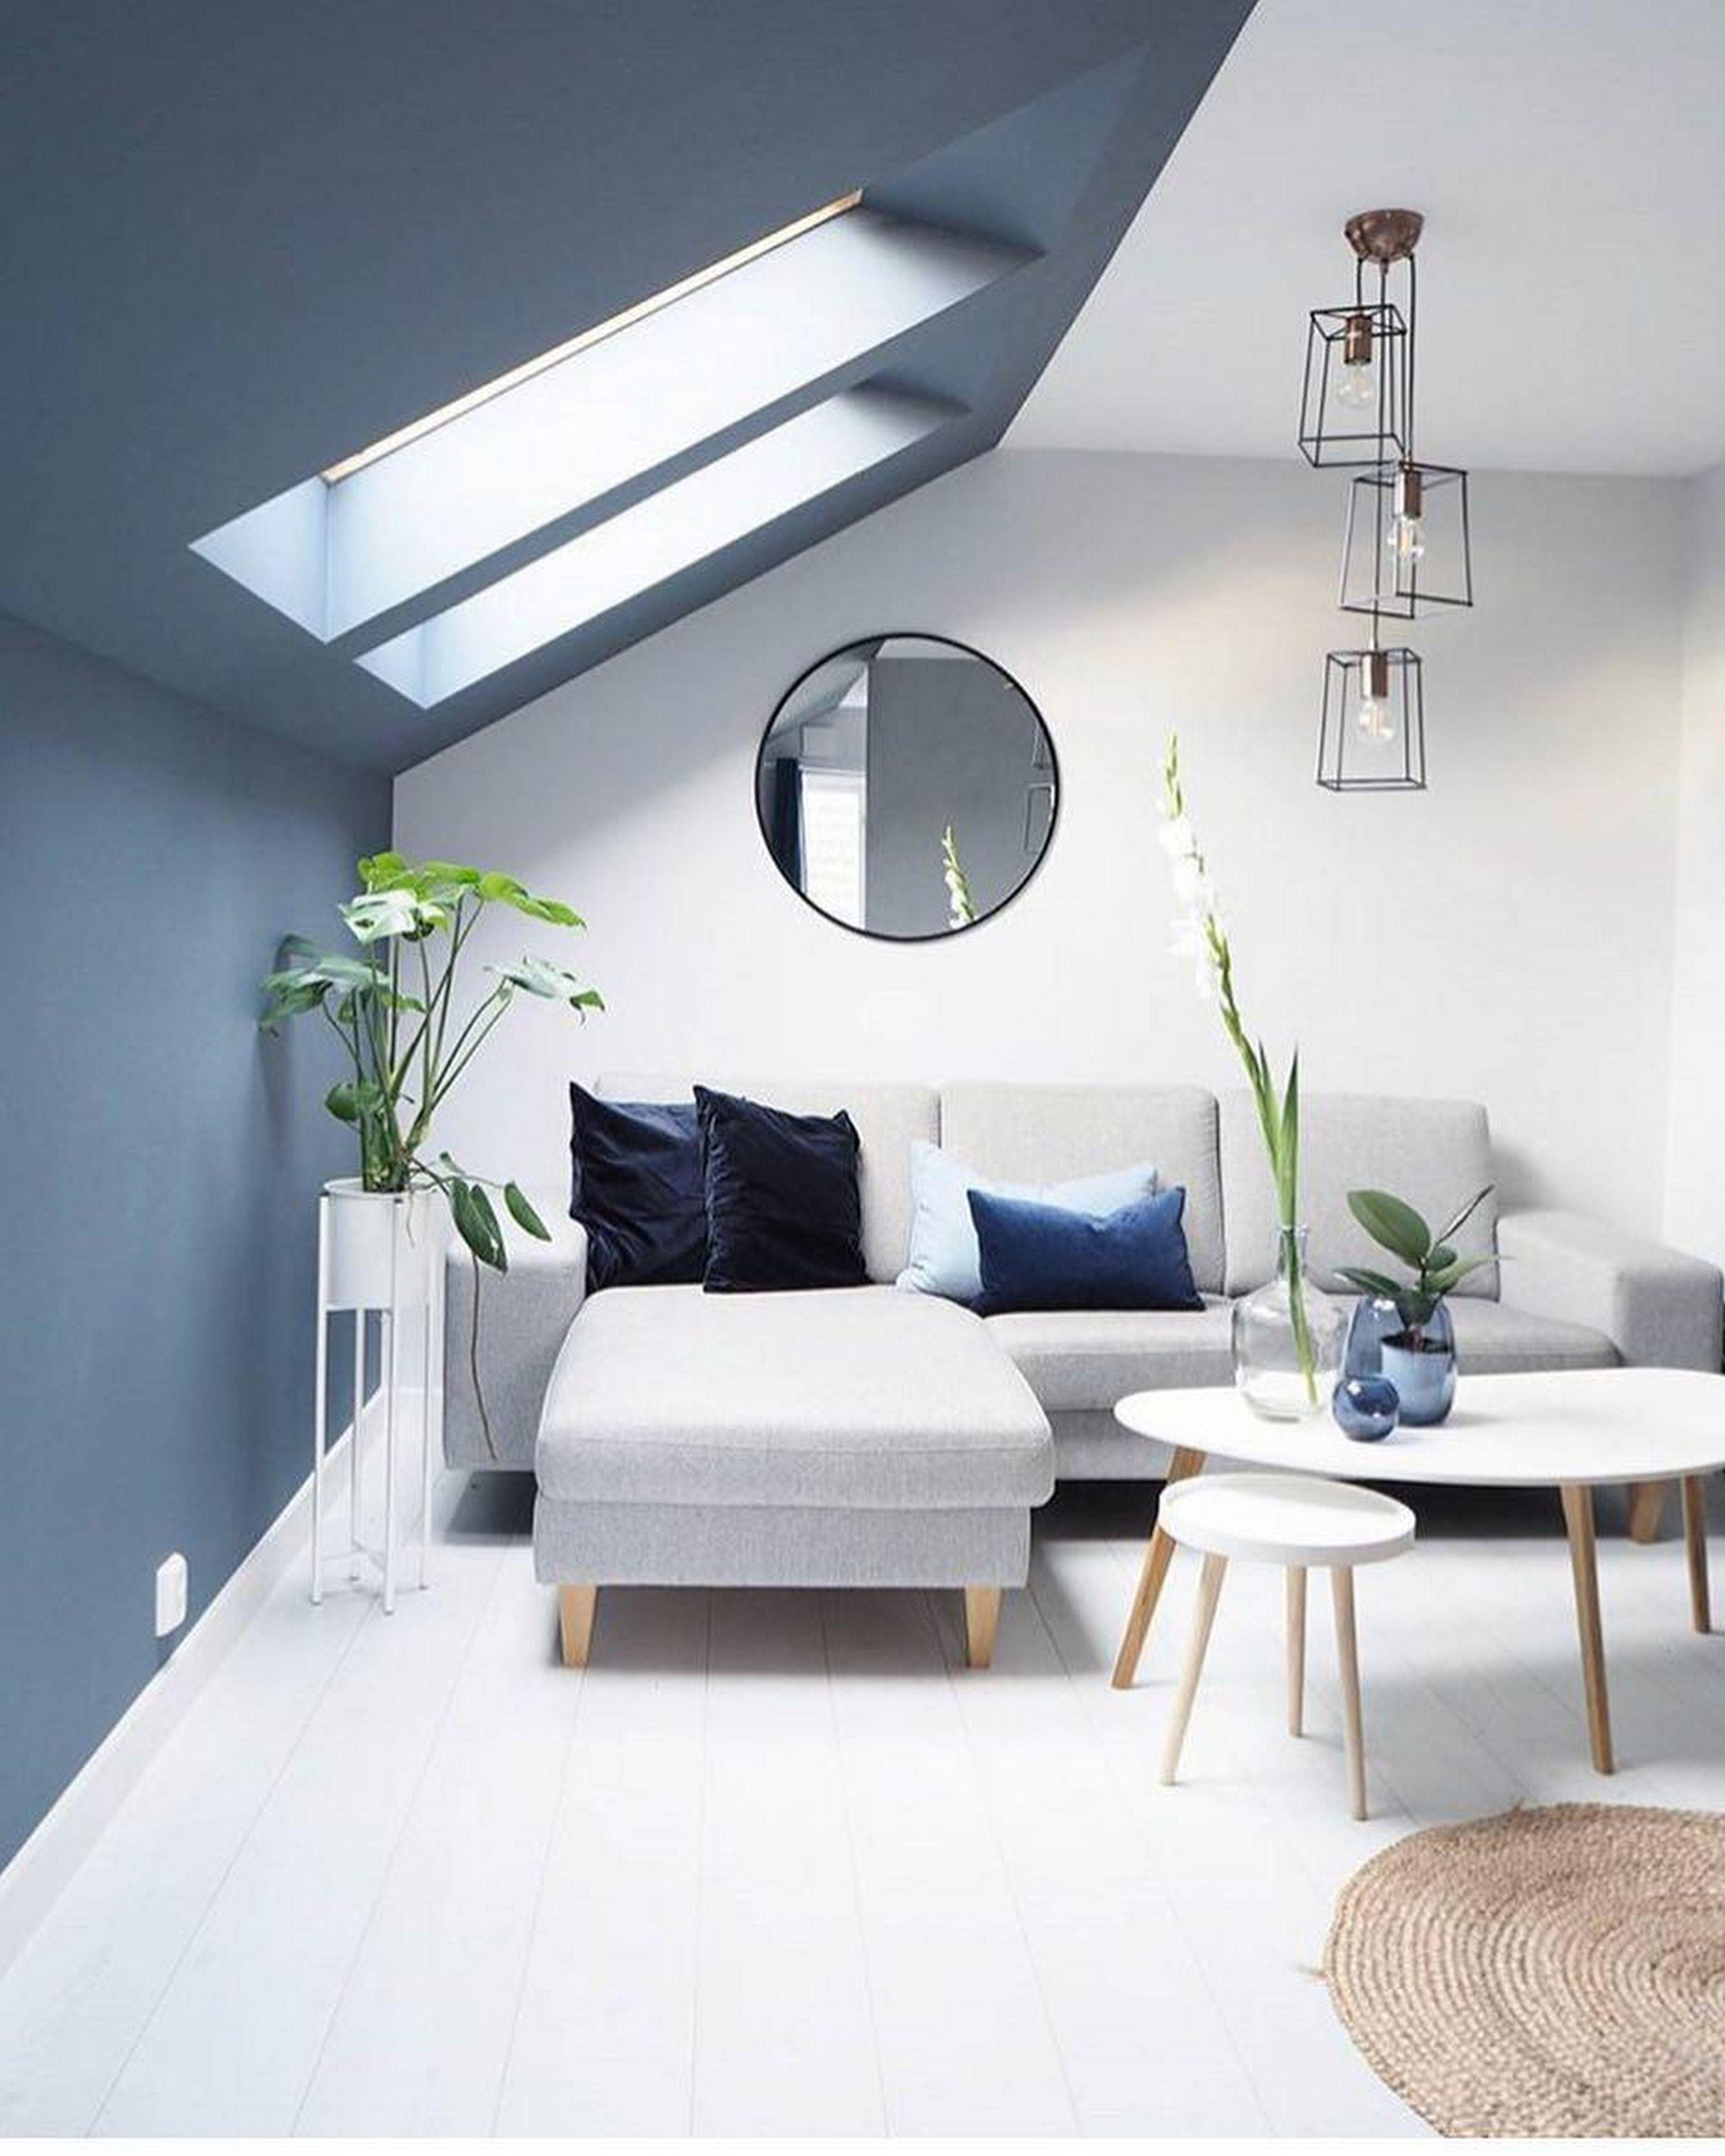 Moderne Hausinnenarchitektur, Innenarchitektur Wohnzimmer, Moderne Häuser,  Haus Innenräume